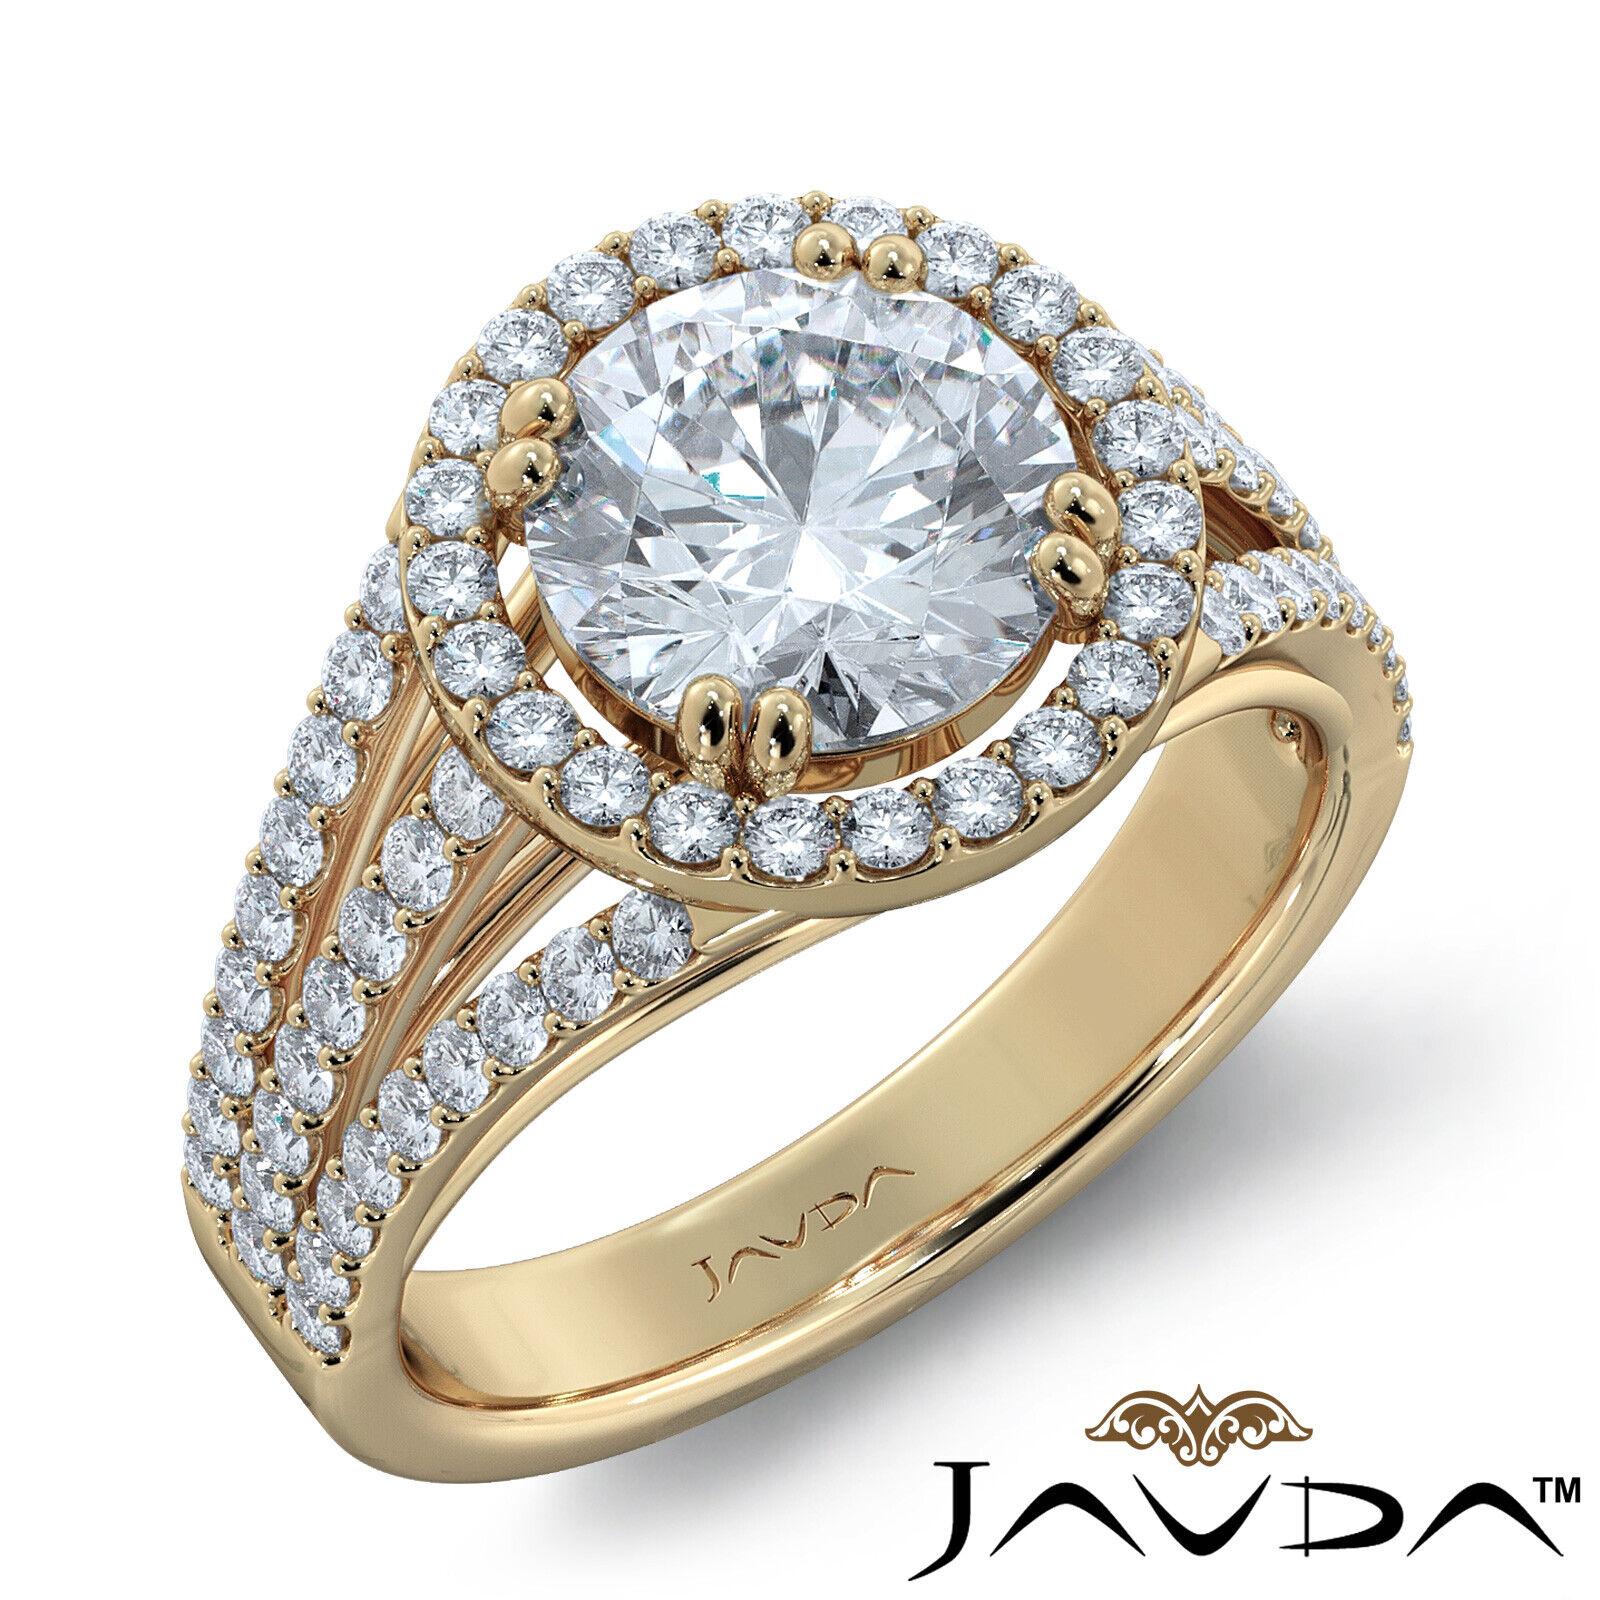 2ct Trio Shank Halo Sidestone Round Diamond Engagement Ring GIA E-VS2 White Gold 8